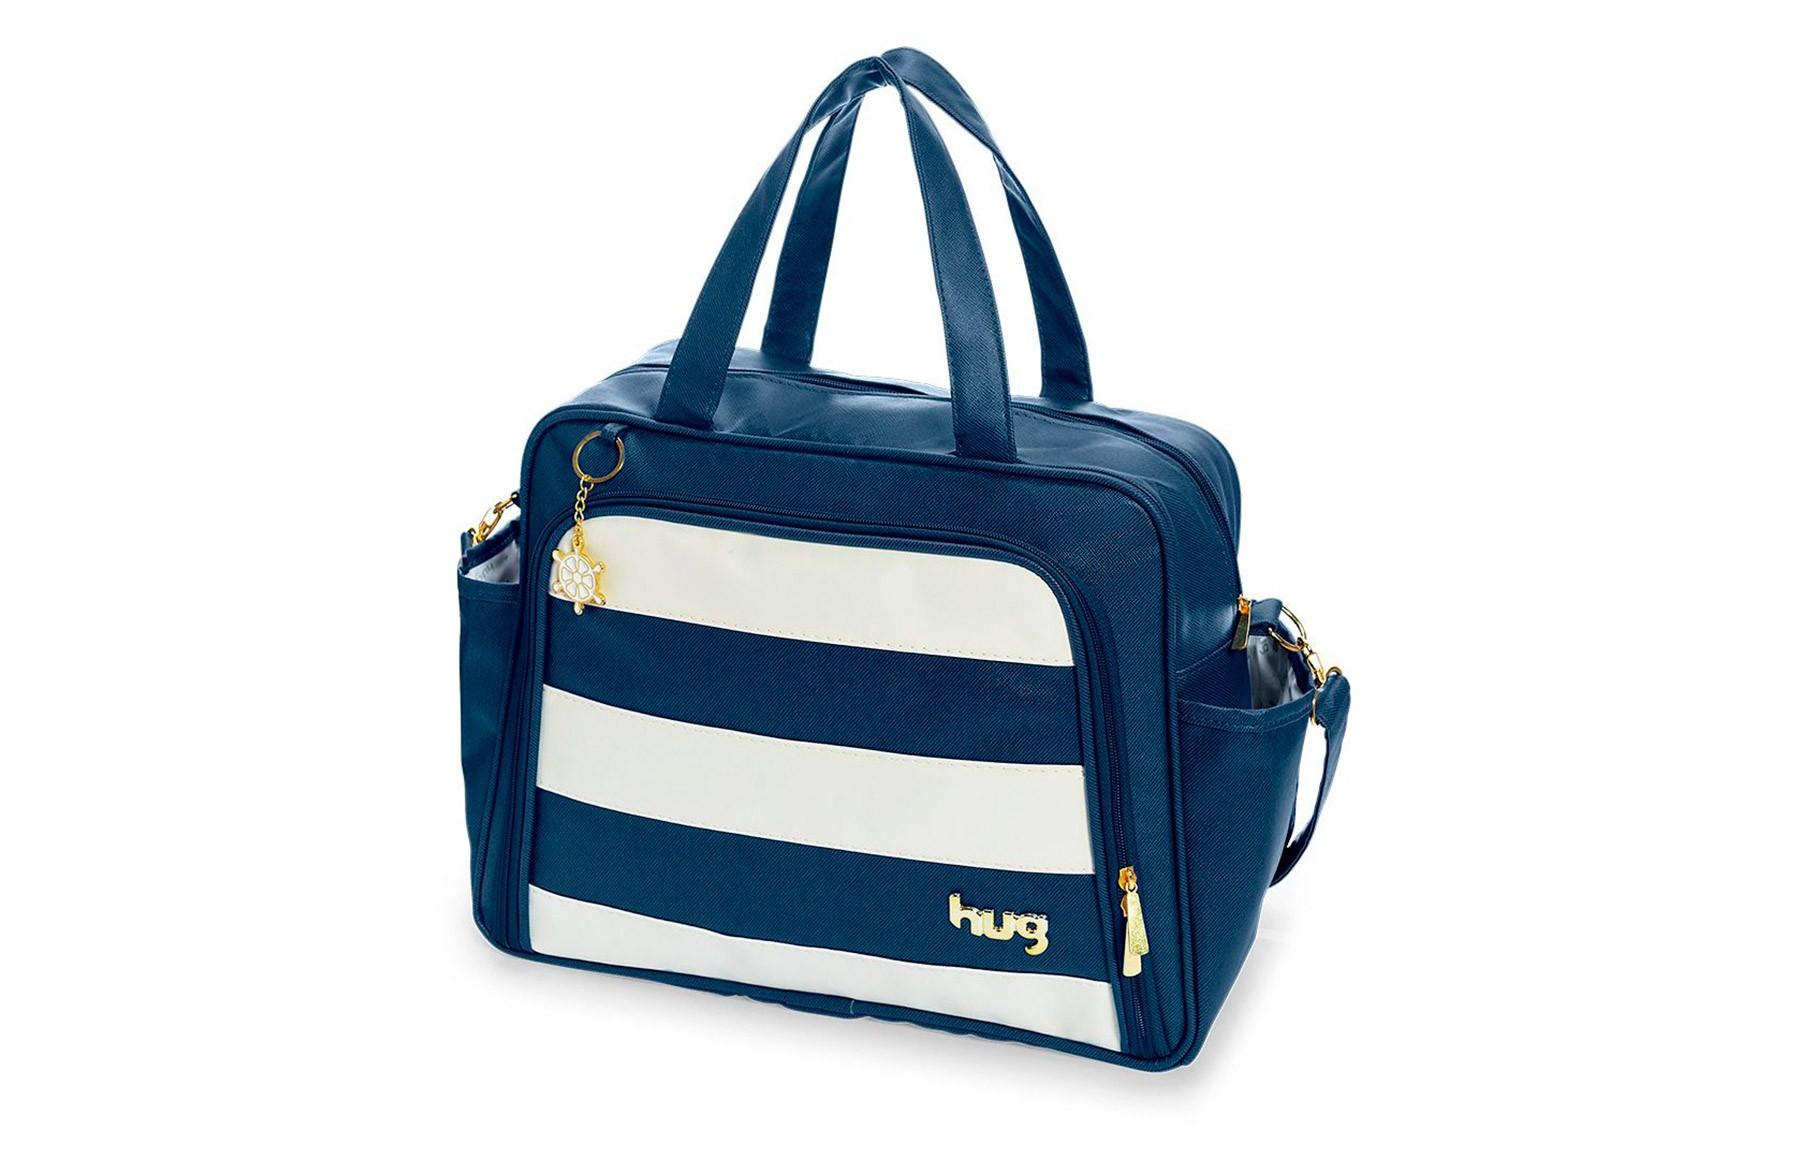 Kit de bolsas 2 peças linha Veneza cor azul marinho